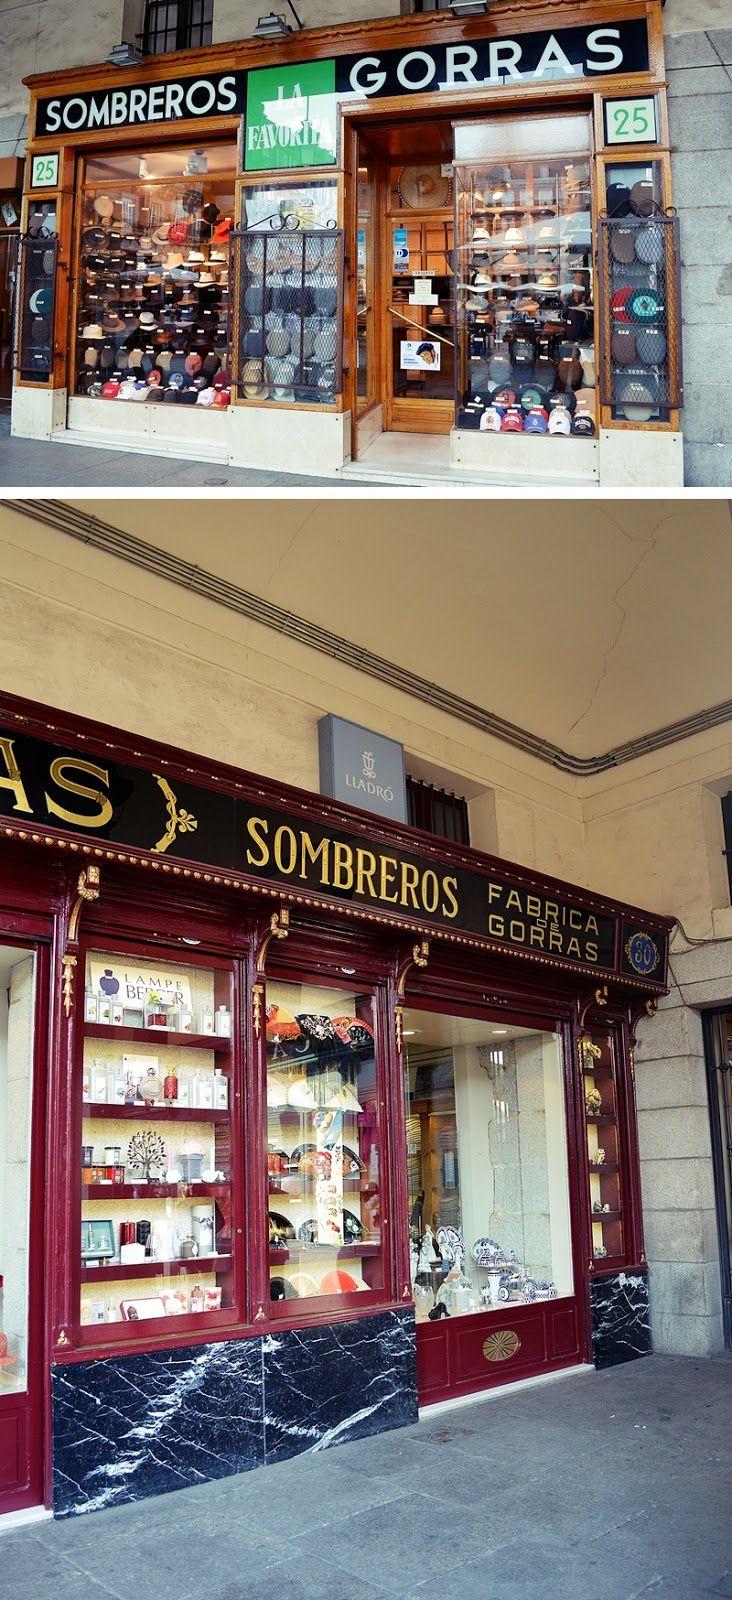 Comercios que conservan las antiguas fachadas en la zona de La Latina (Madrid) http://amorporladecoracion.blogspot.com.es/2014/03/desafio-fotografico-fachadas-comercios.html